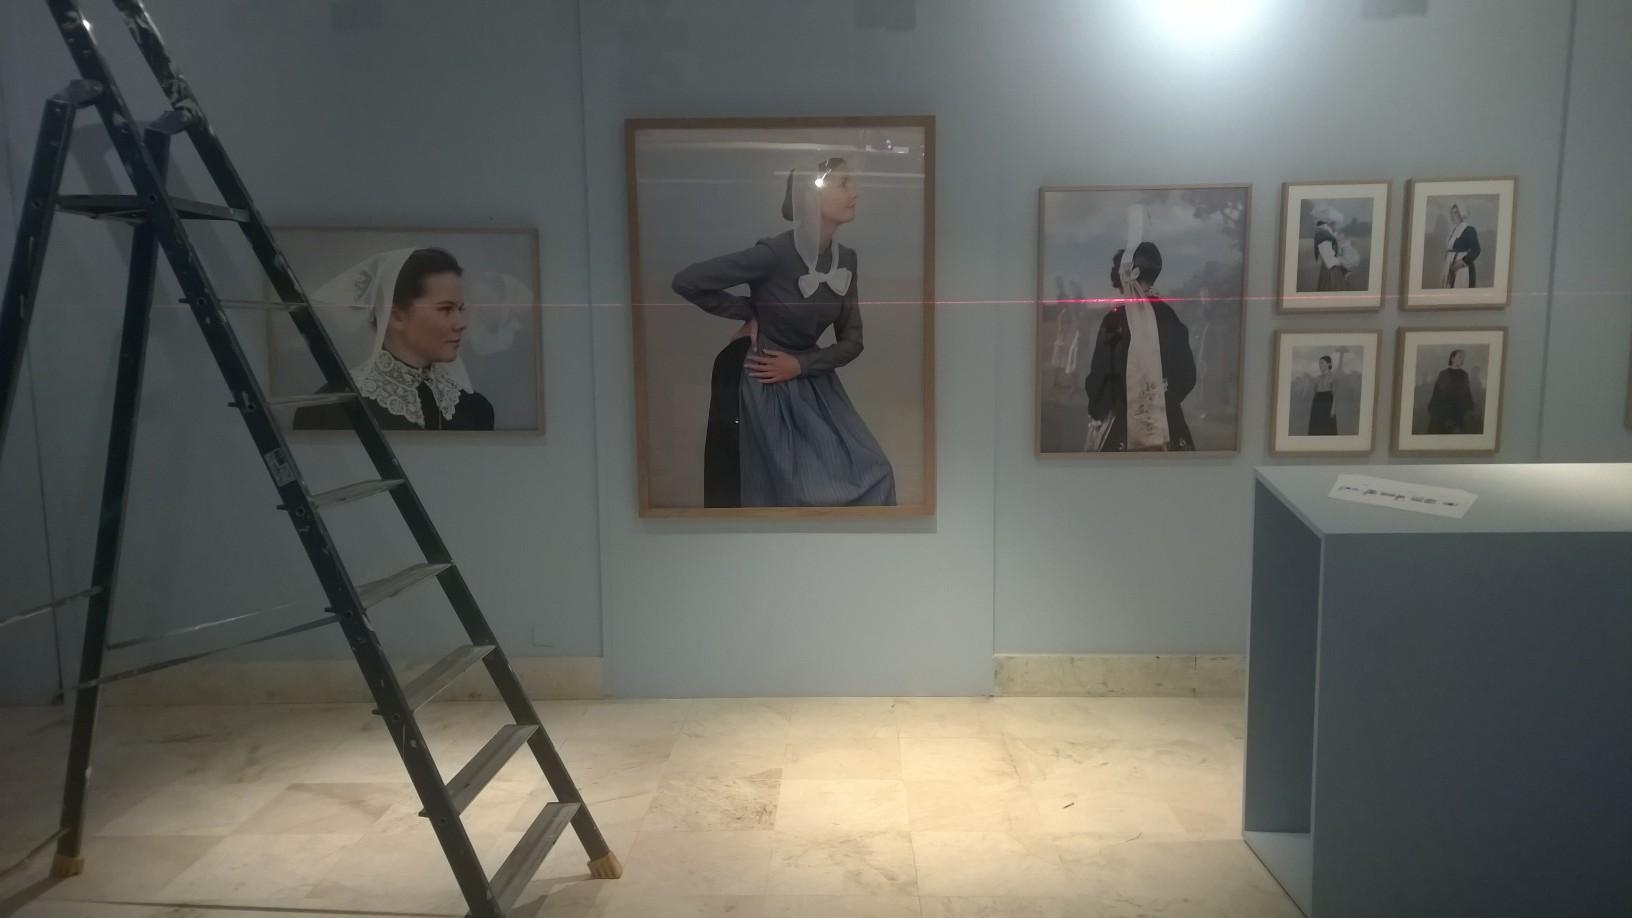 BRETONNES at Musée des beaux-arts et de la dentelle, Alençon, FRANCE